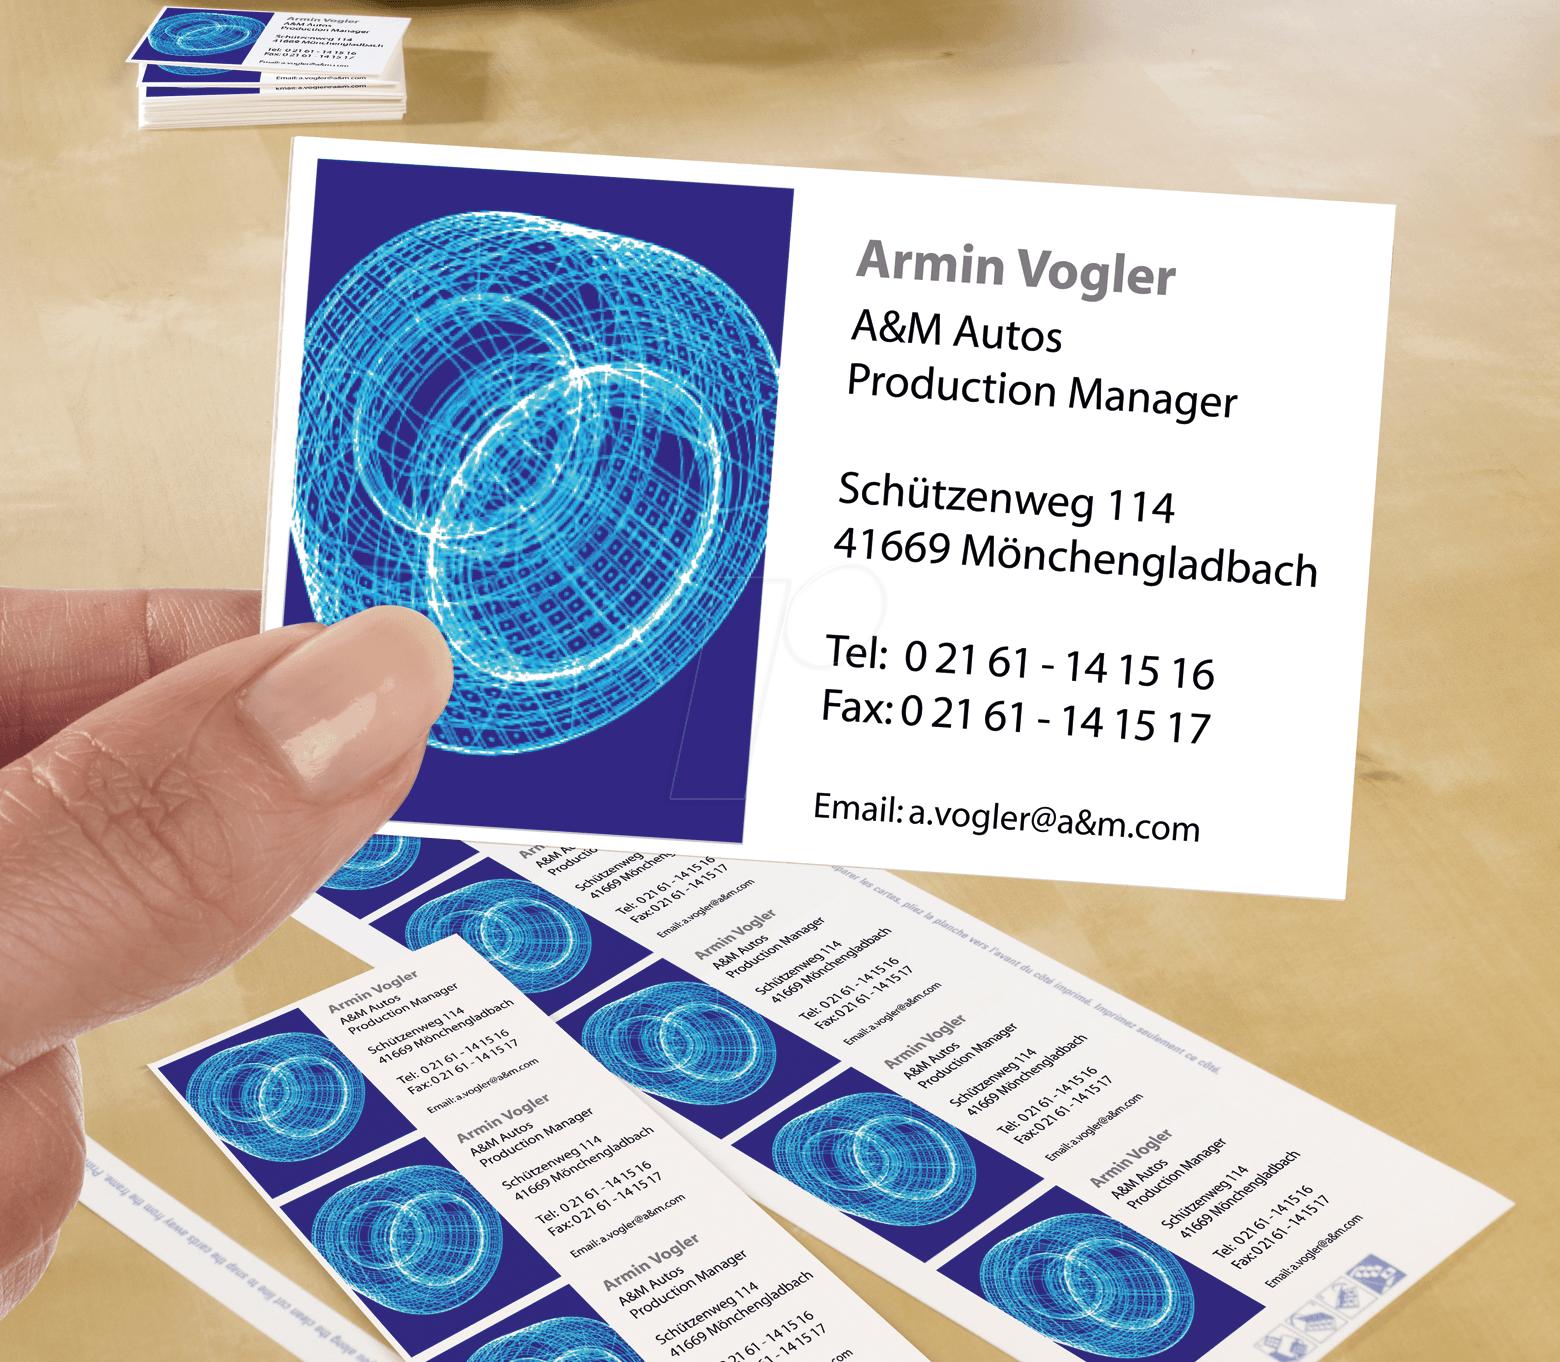 https://cdn-reichelt.de/bilder/web/xxl_ws/E460/VISIT_ANWENDUNG.png